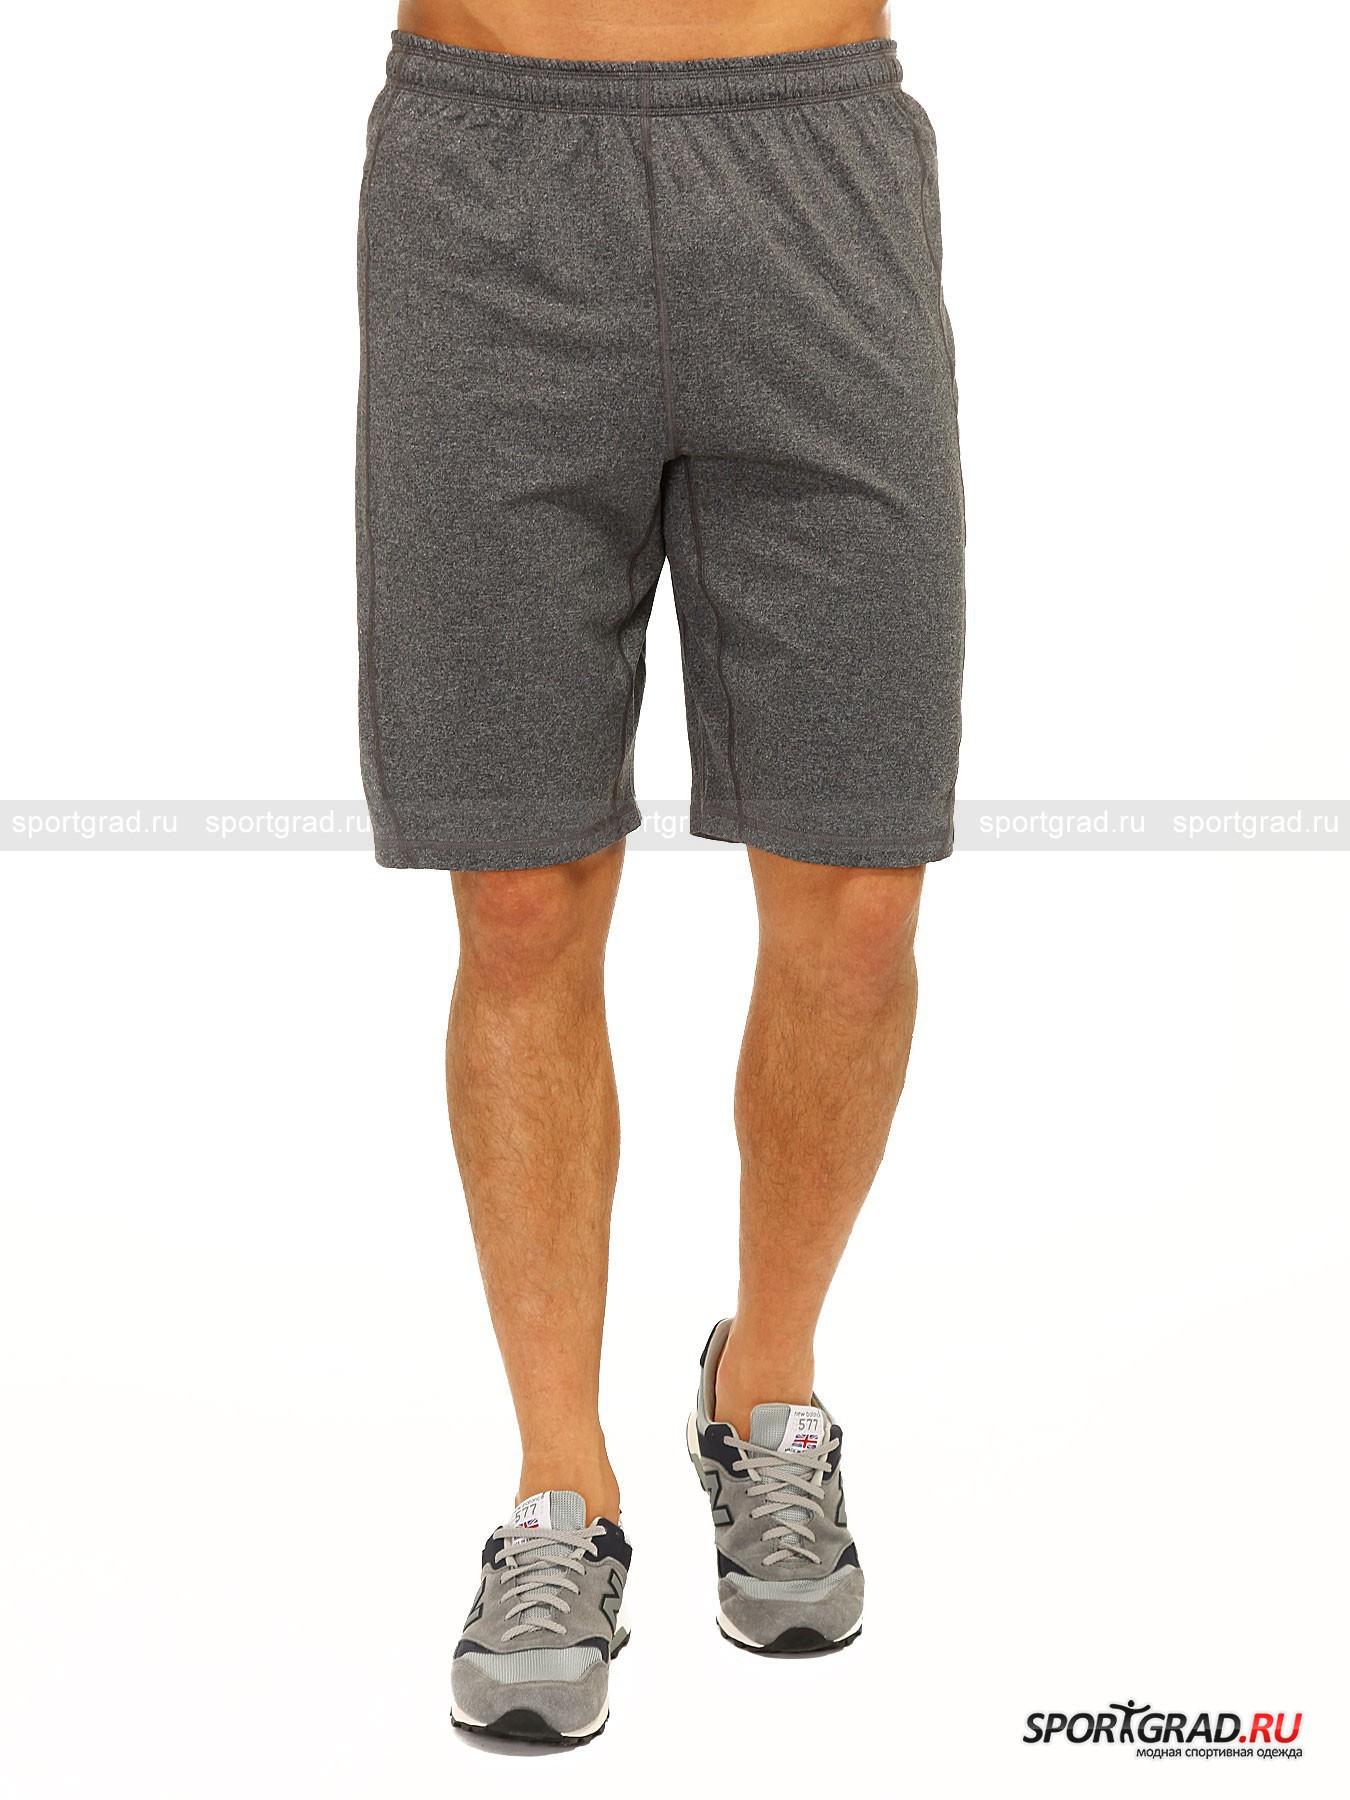 ����� ������� Track shorts CASALL ��� ������� �������